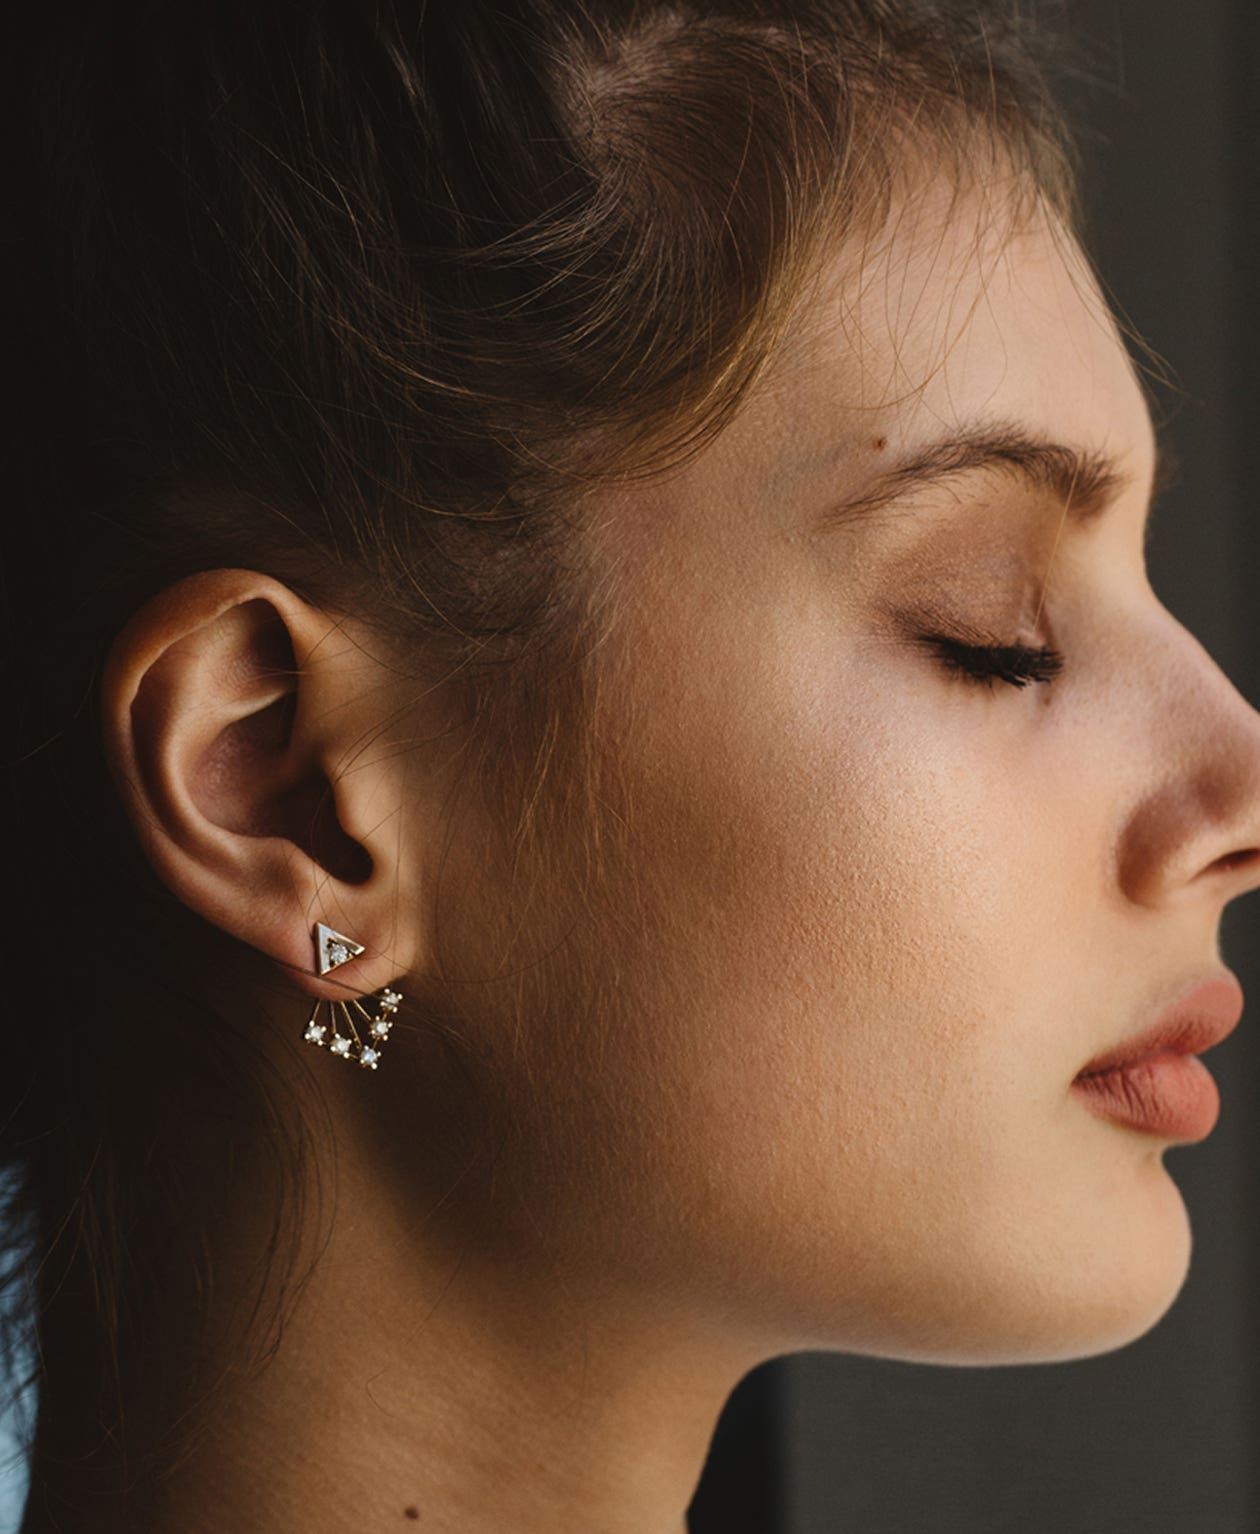 Shine Ear Jacket - Image